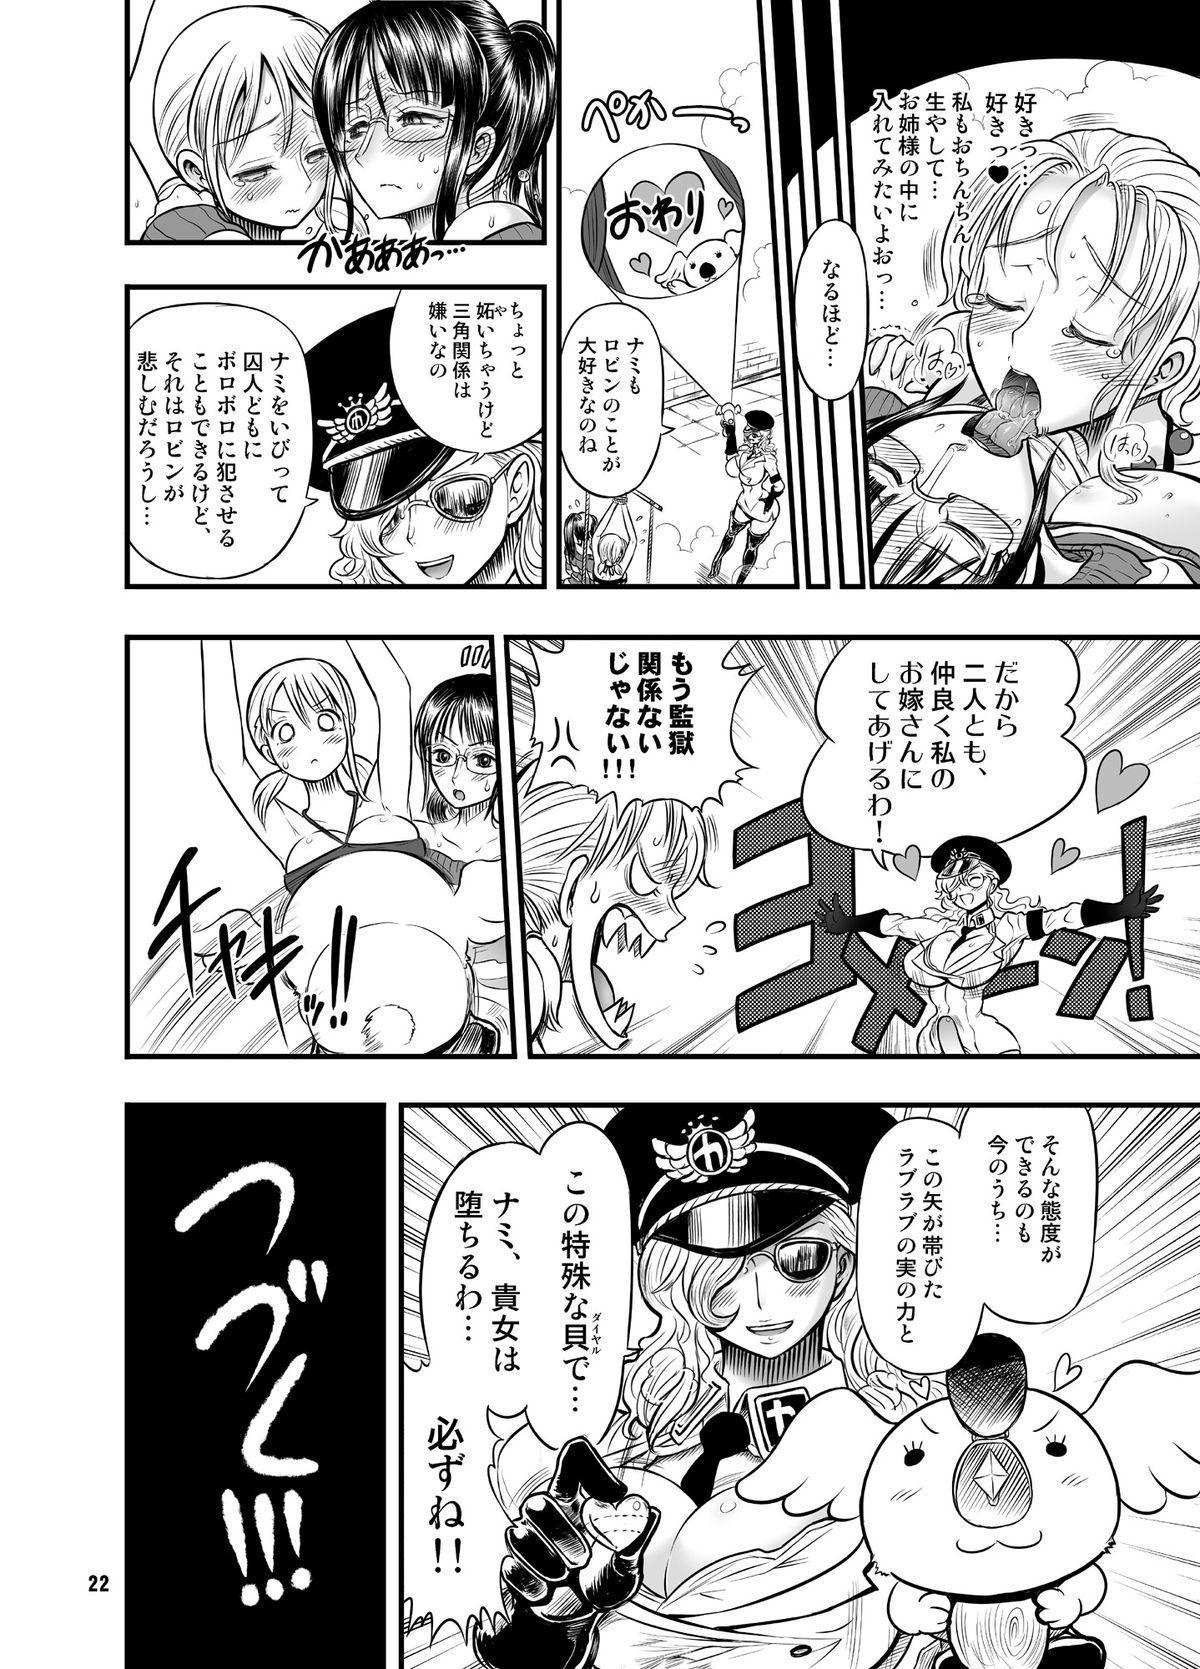 Midarezaki Joshuu Kaizoku 2 21